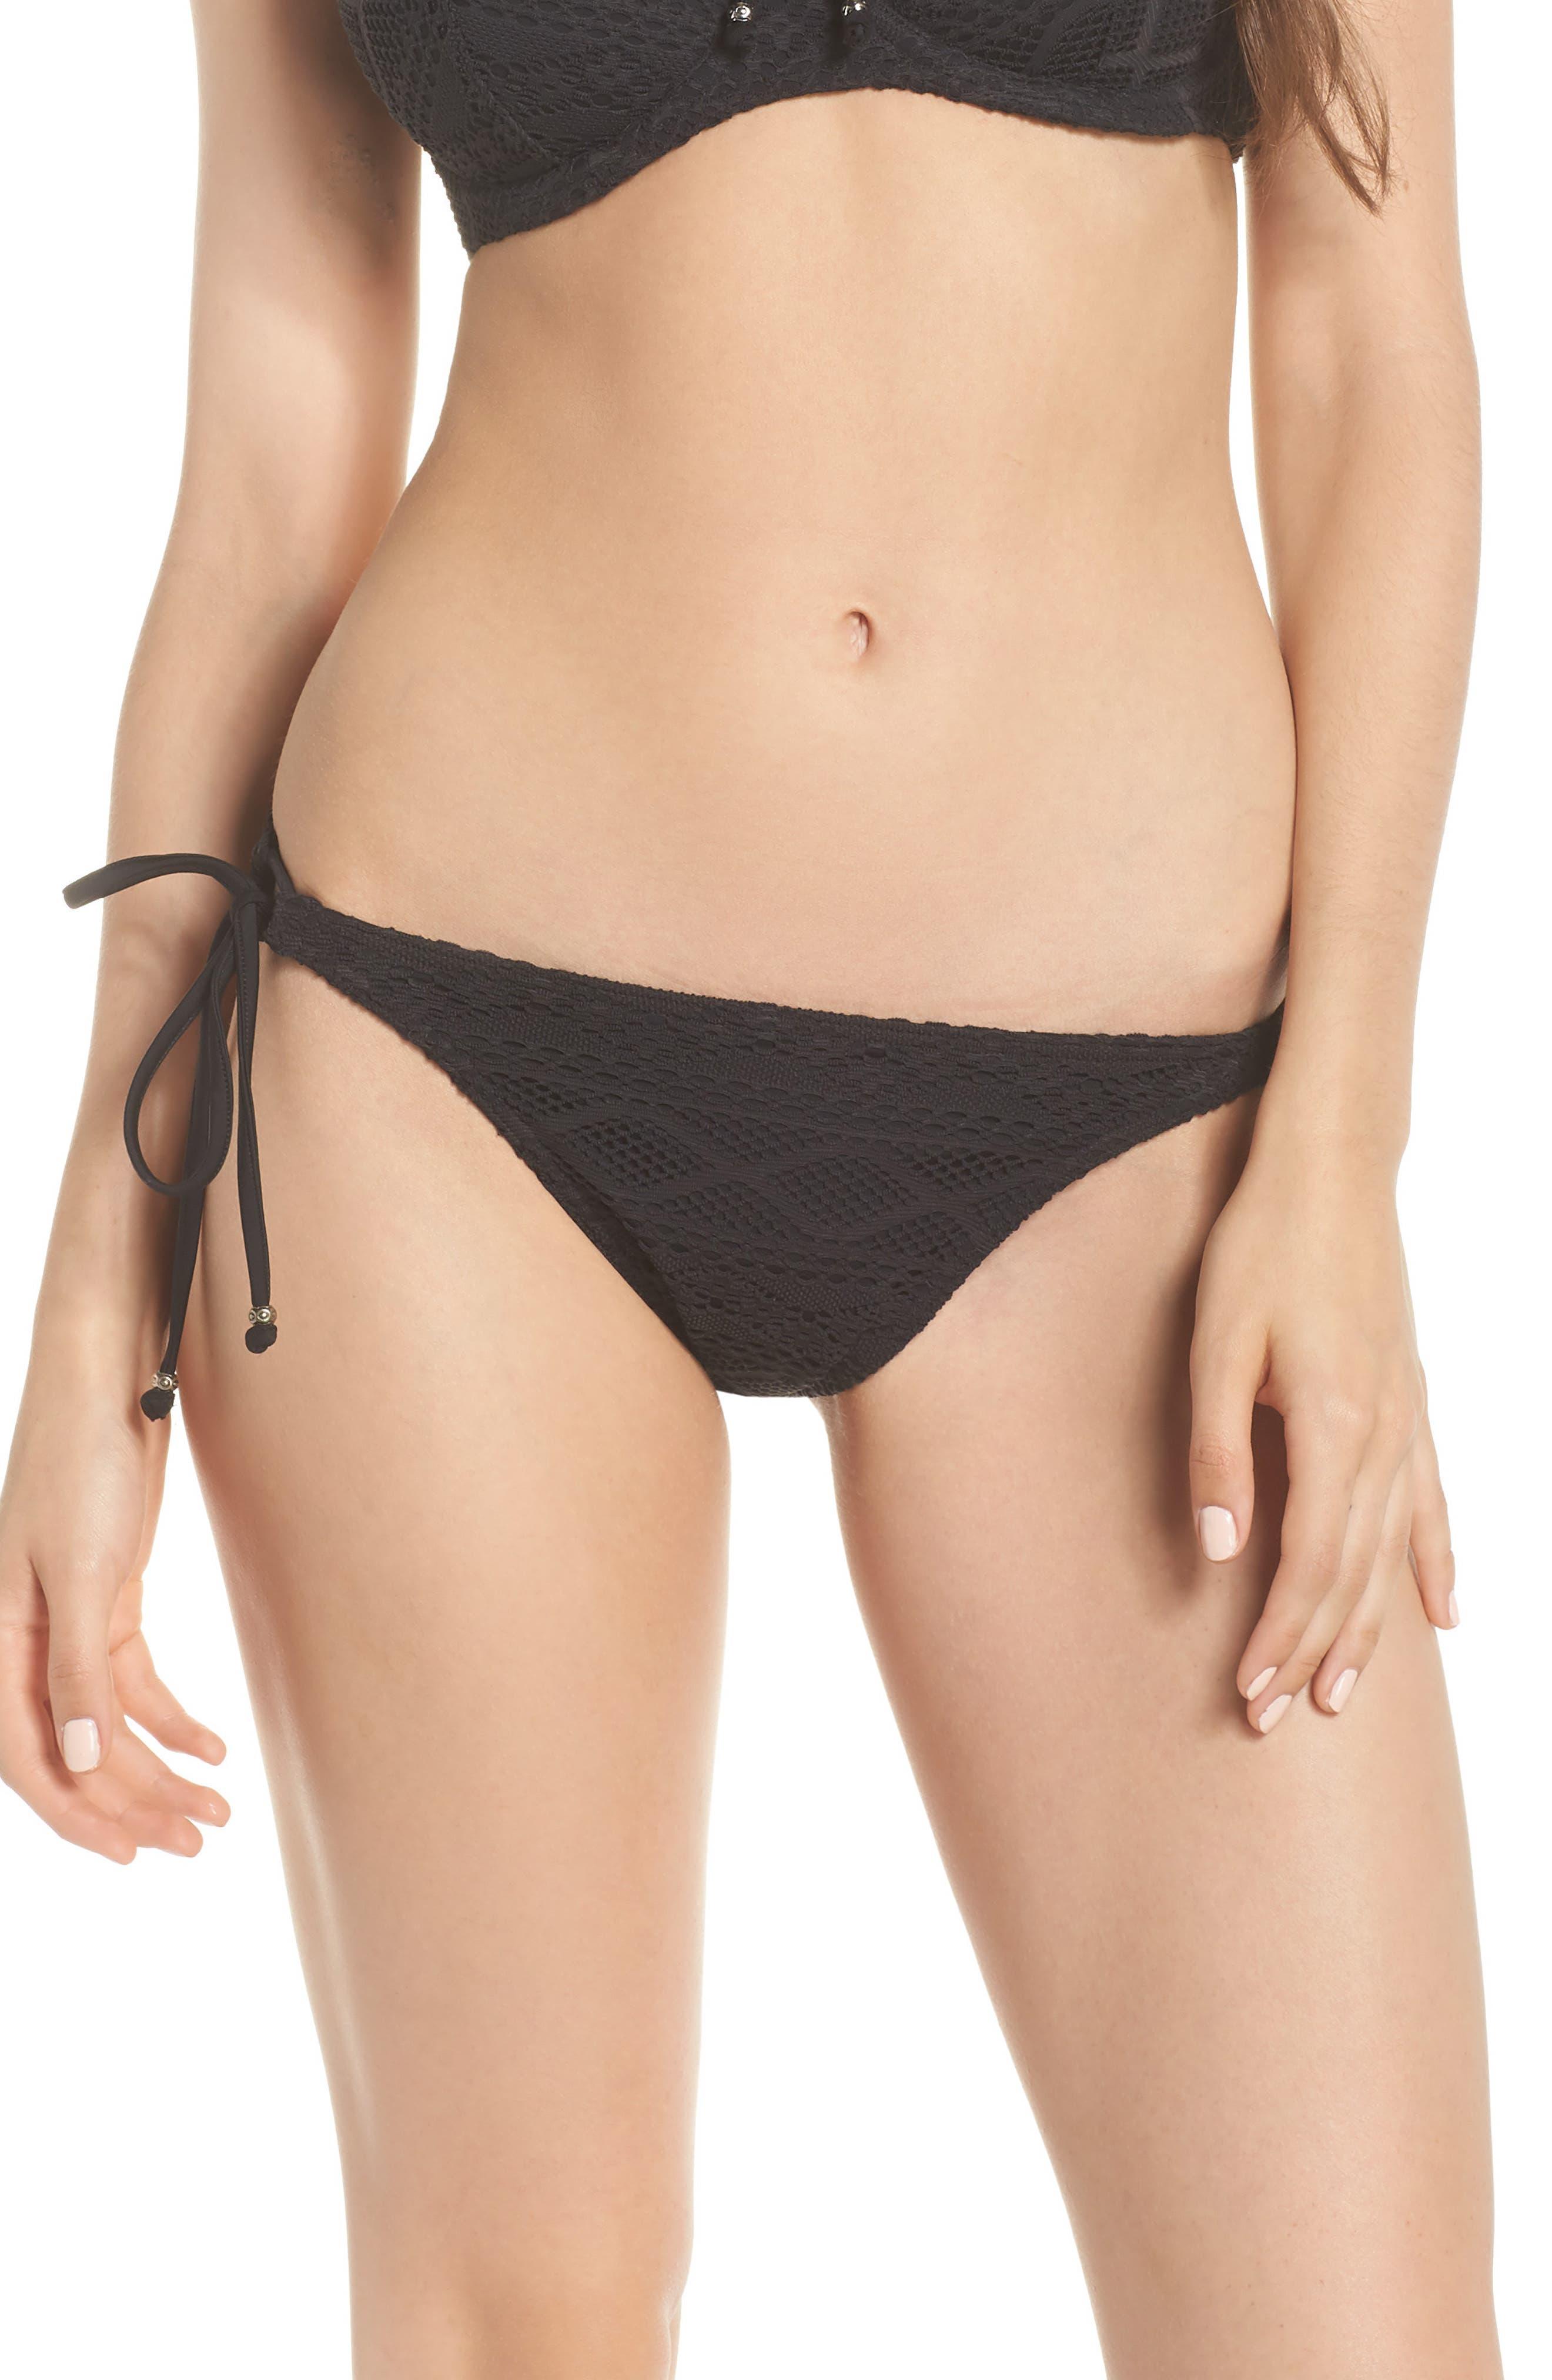 FREYA 'Sundance Rio' Tie Sides Bikini Bottoms in Black